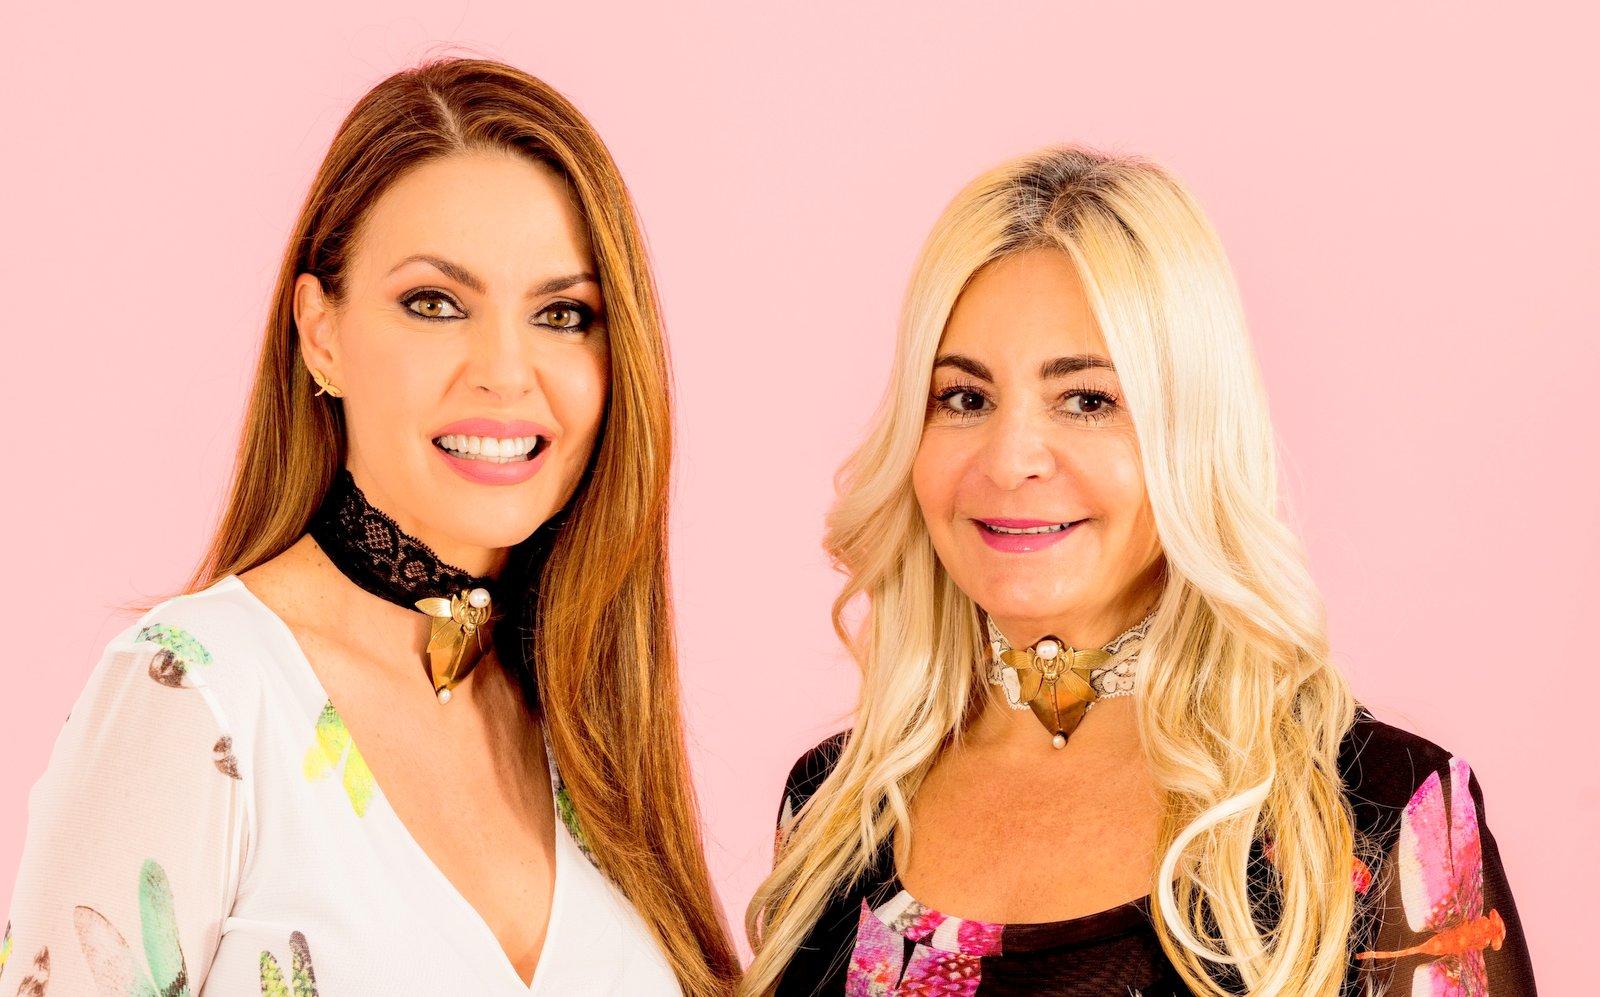 Viviana Gabeiras Launches a Dragonfly Inspired Collection for Barbara Palacios (Miss Universe 1986)